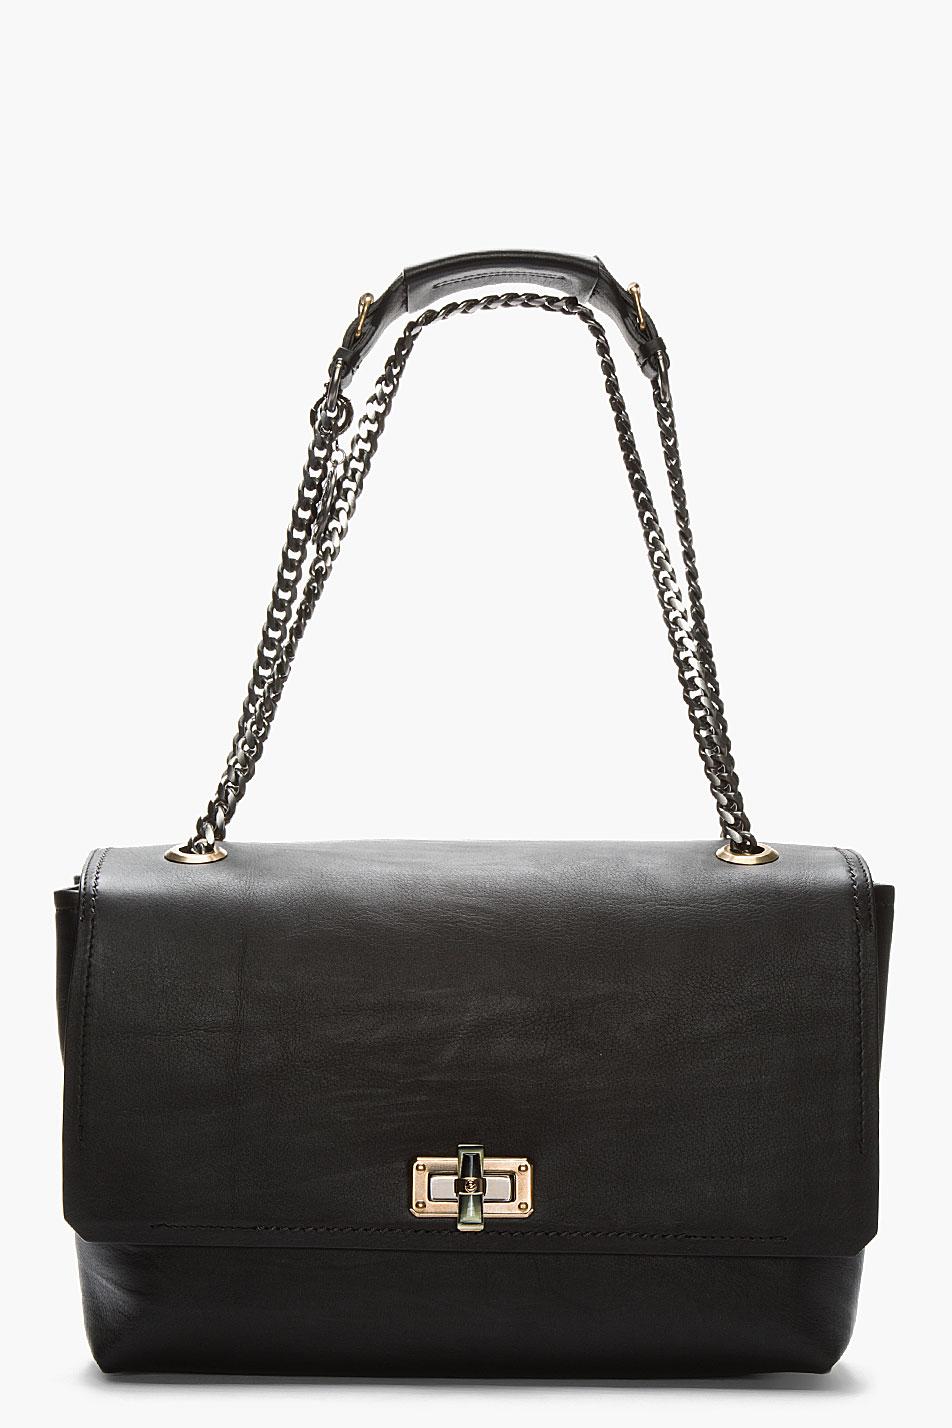 95d6af554a08ab Black Leather Shoulder Bag Strap | Stanford Center for Opportunity ...